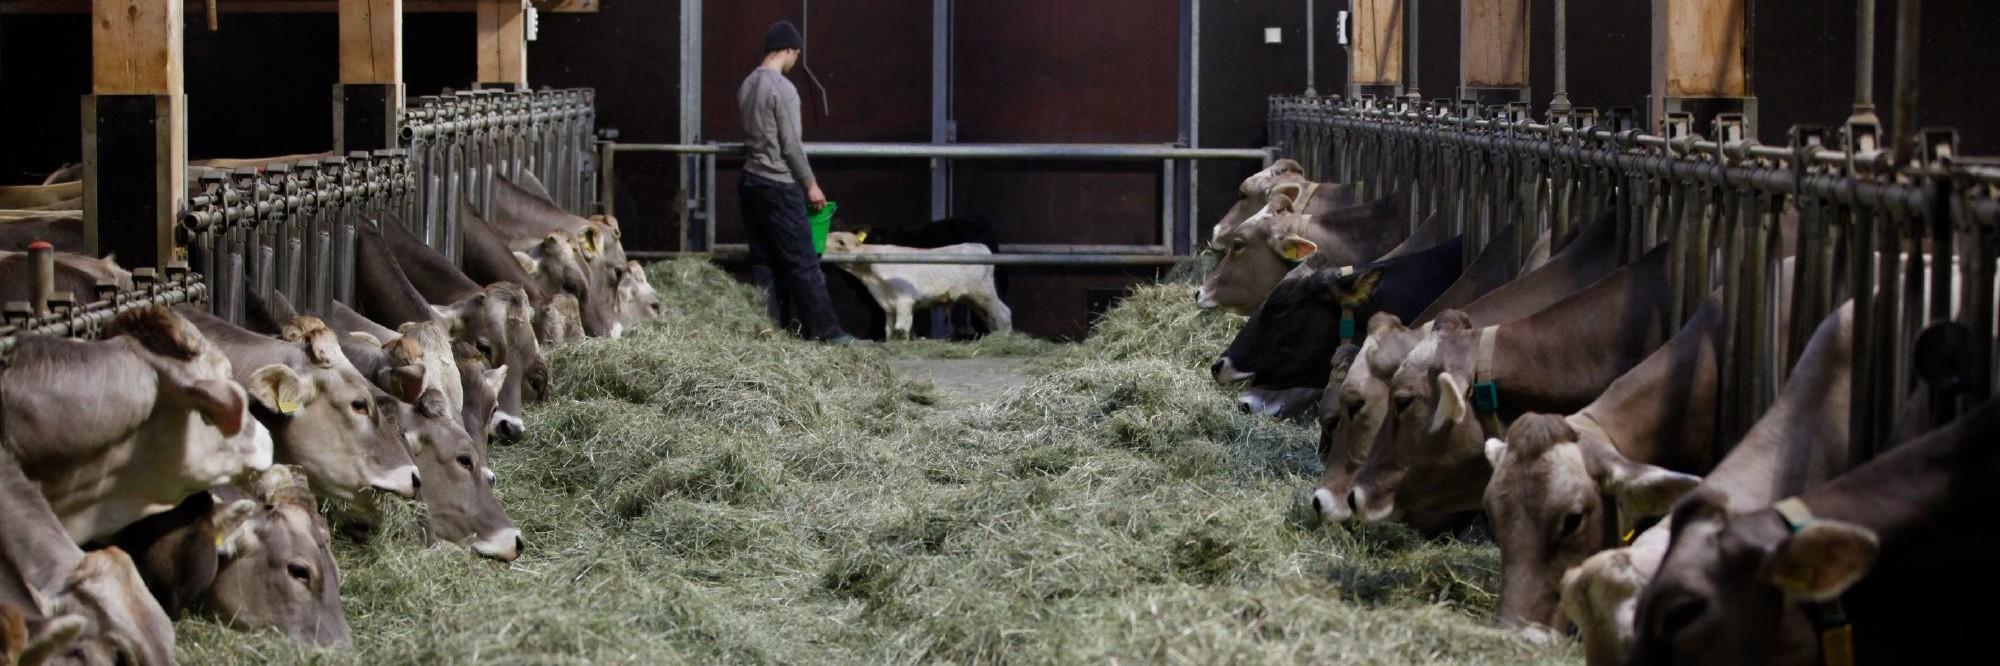 Bauernhof mit Milchkühen in Deutschland